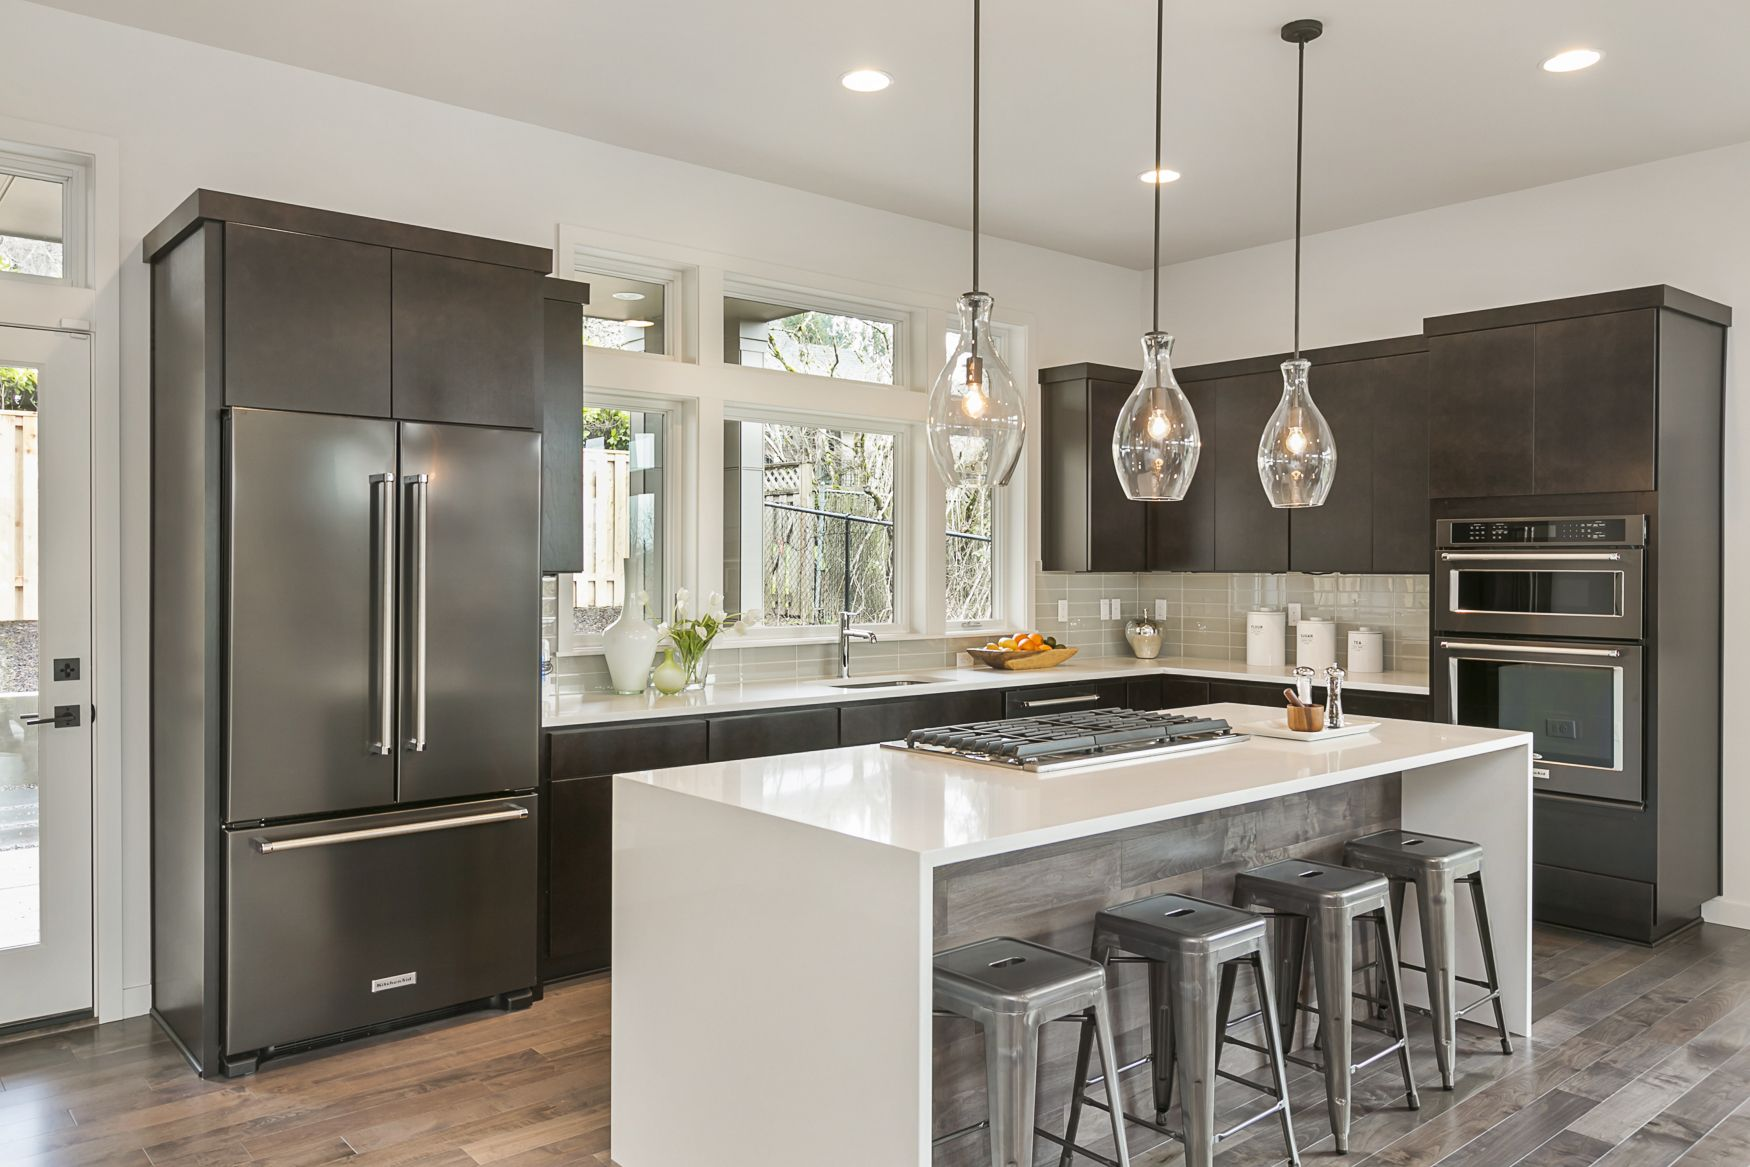 beautiful modern kitchen grey and white with dark cabinets kitchen design small kitchen on l kitchen interior modern id=27230